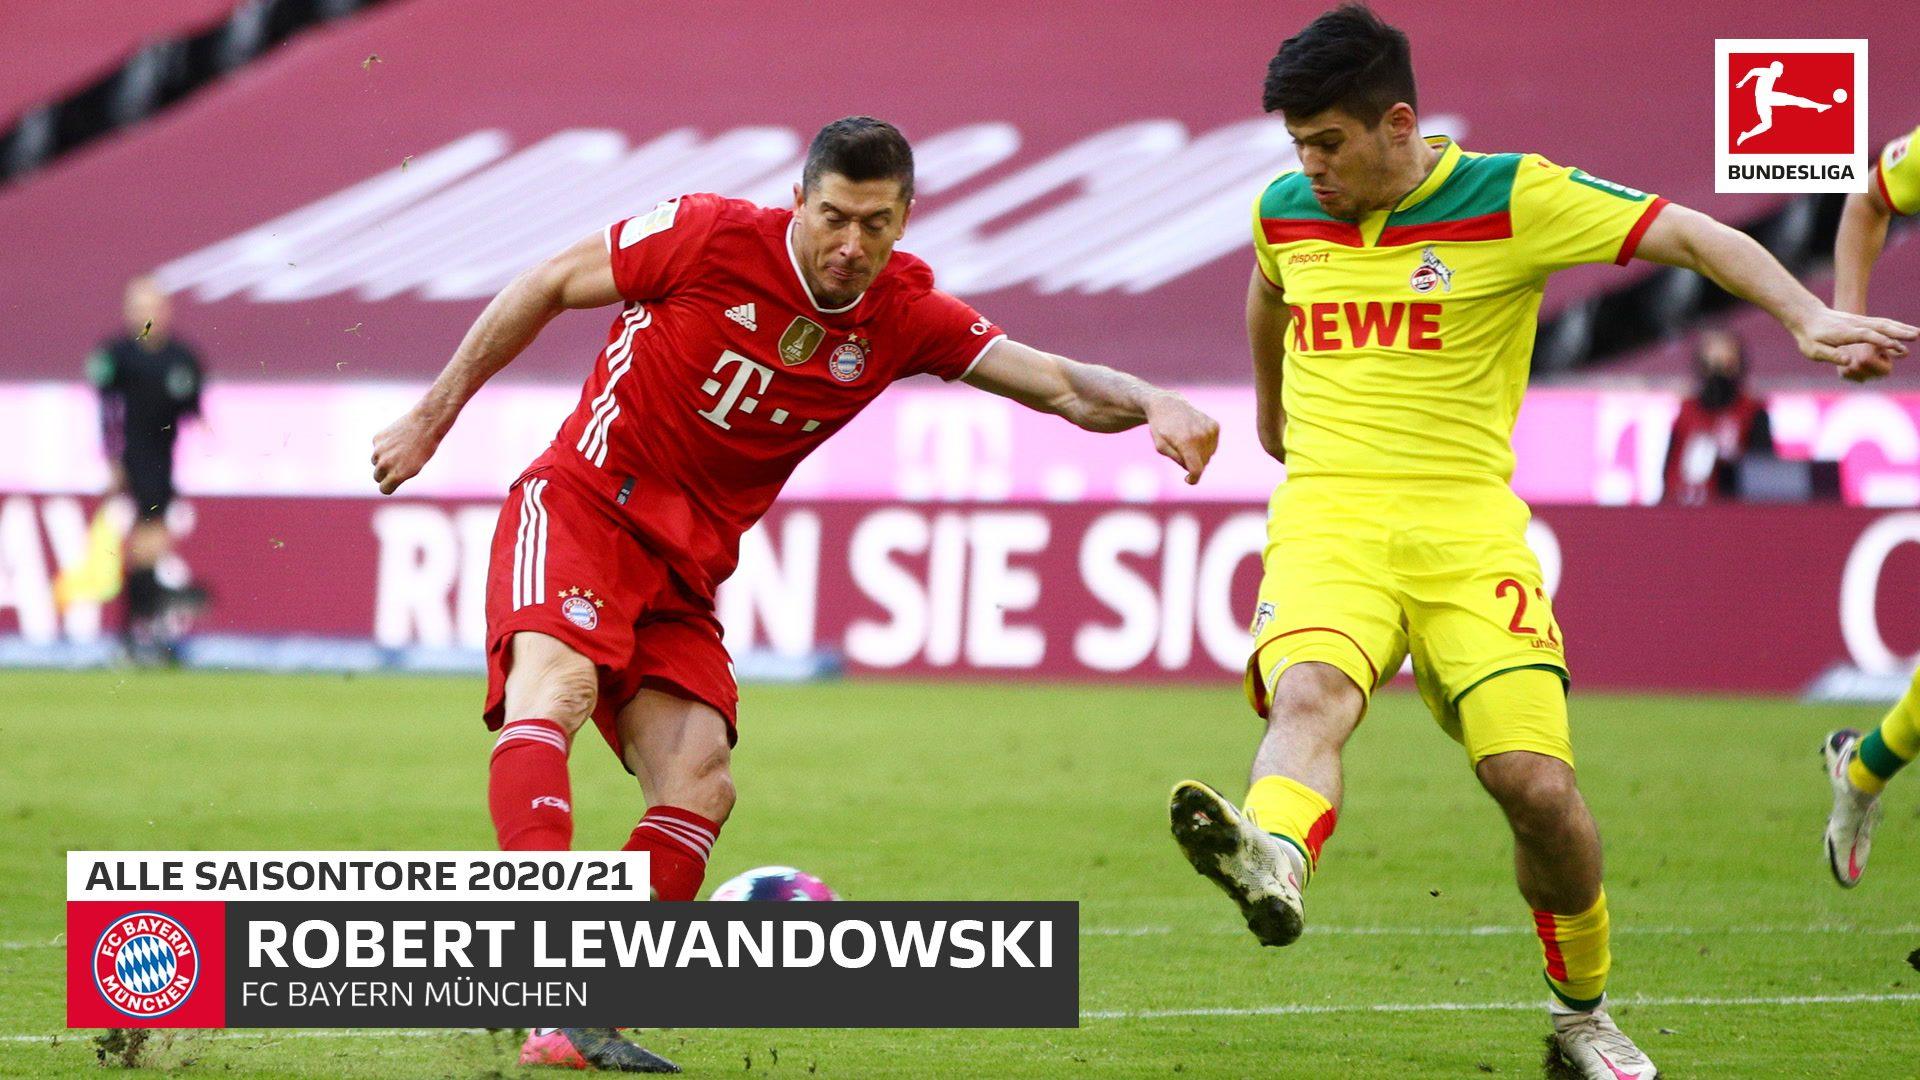 Lewandowski auf Rekordjagd: 28 Tore nach 23 Spieltagen